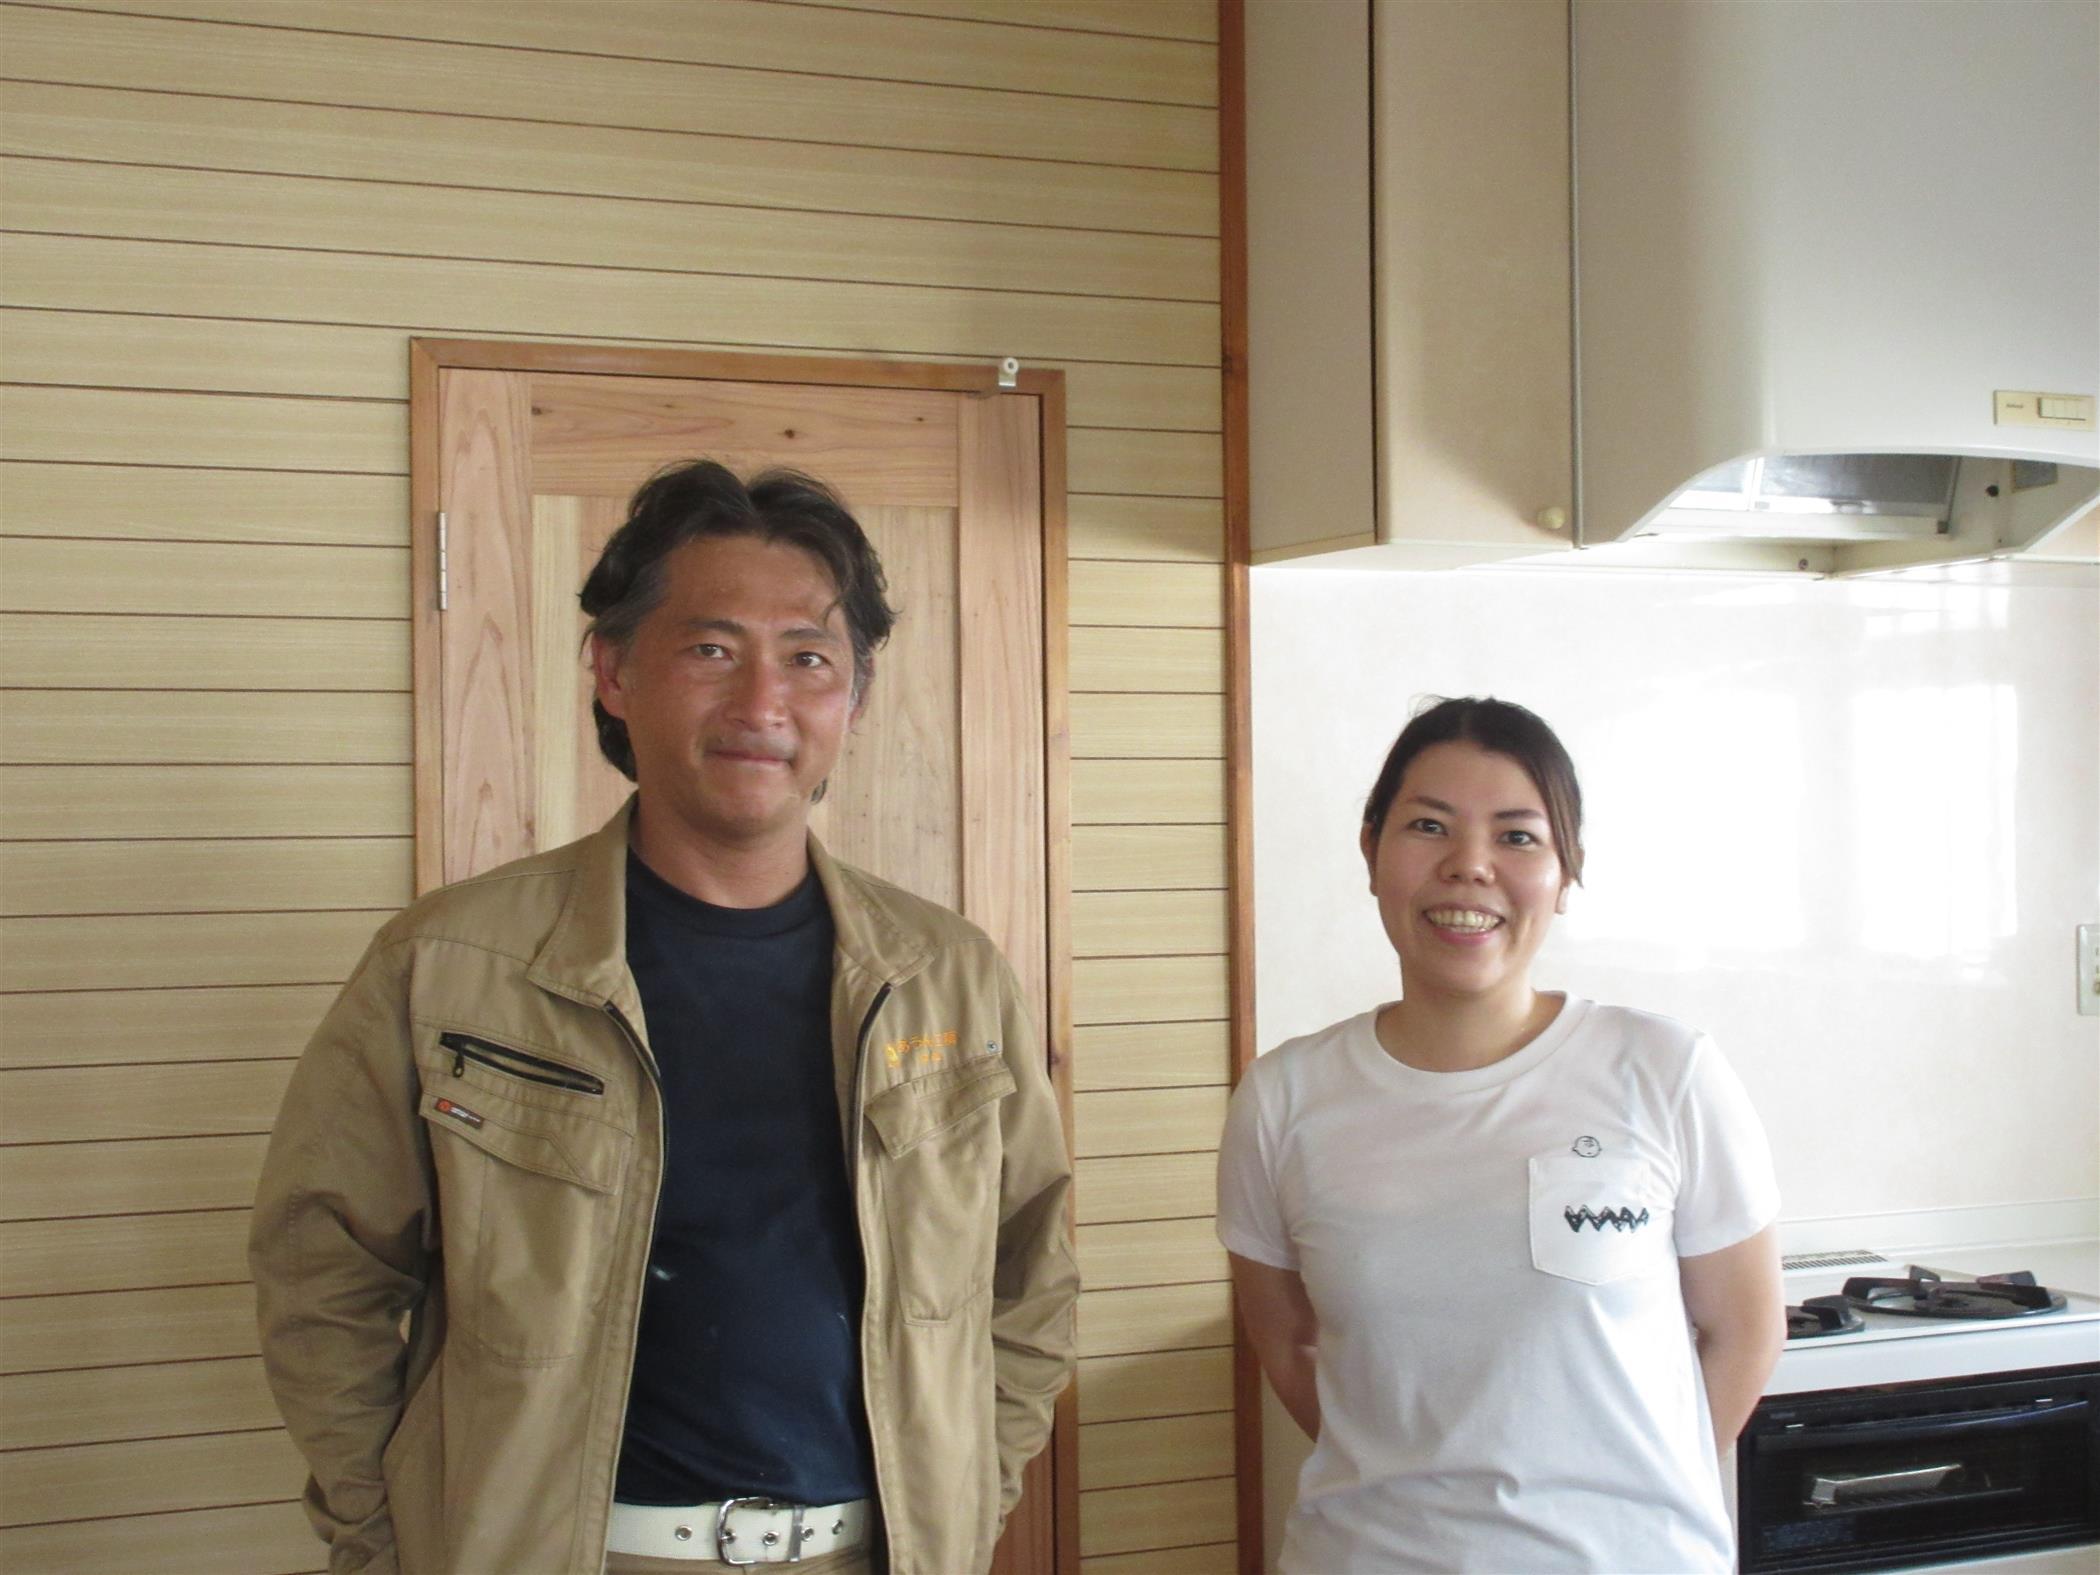 沖縄・那覇のリフォーム 実際のお客様の写真:中古住宅購入後のリフォーム